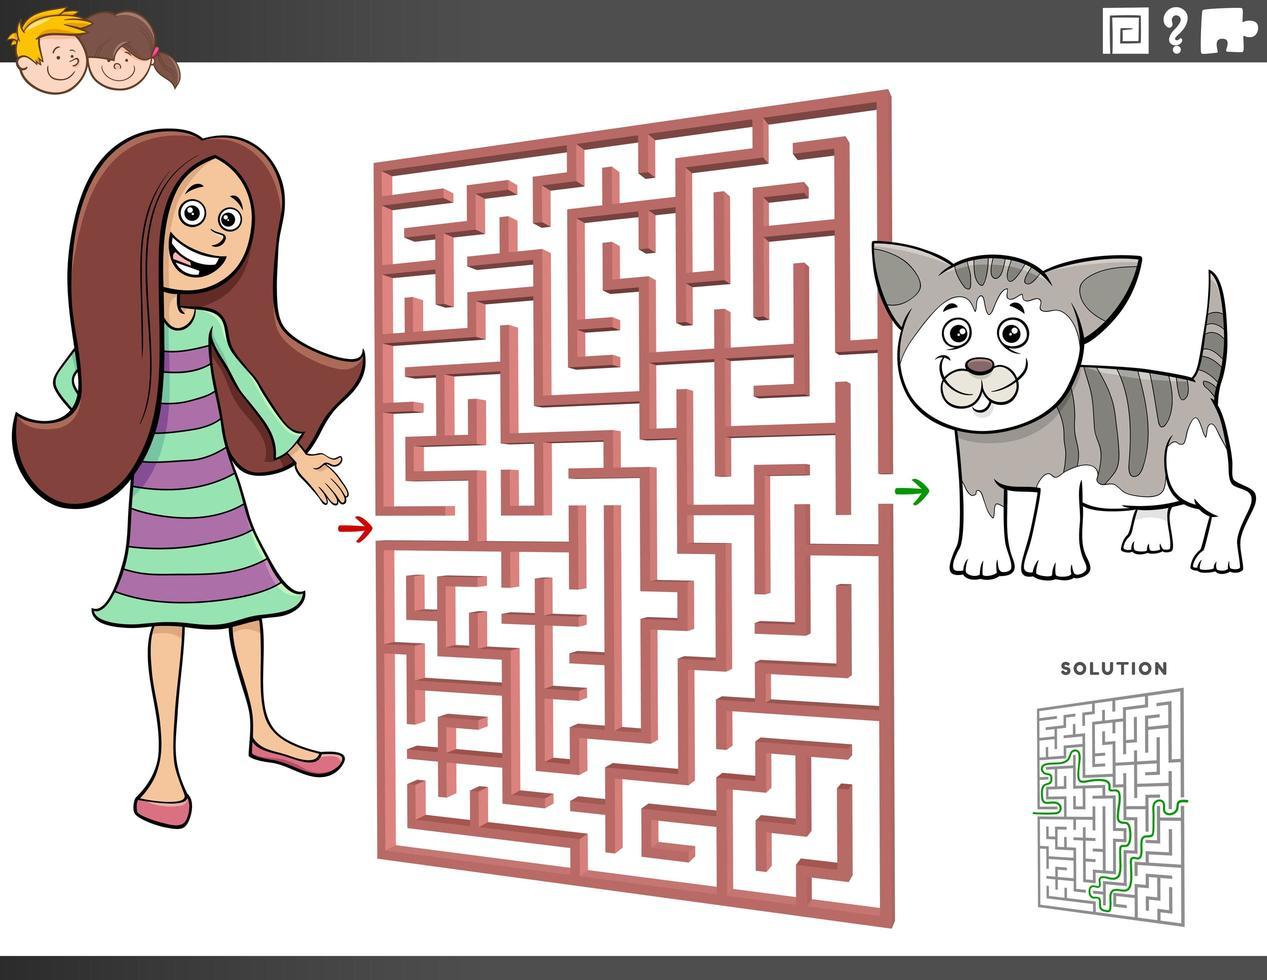 juego de laberinto con dibujos animados adolescente y gatito vector